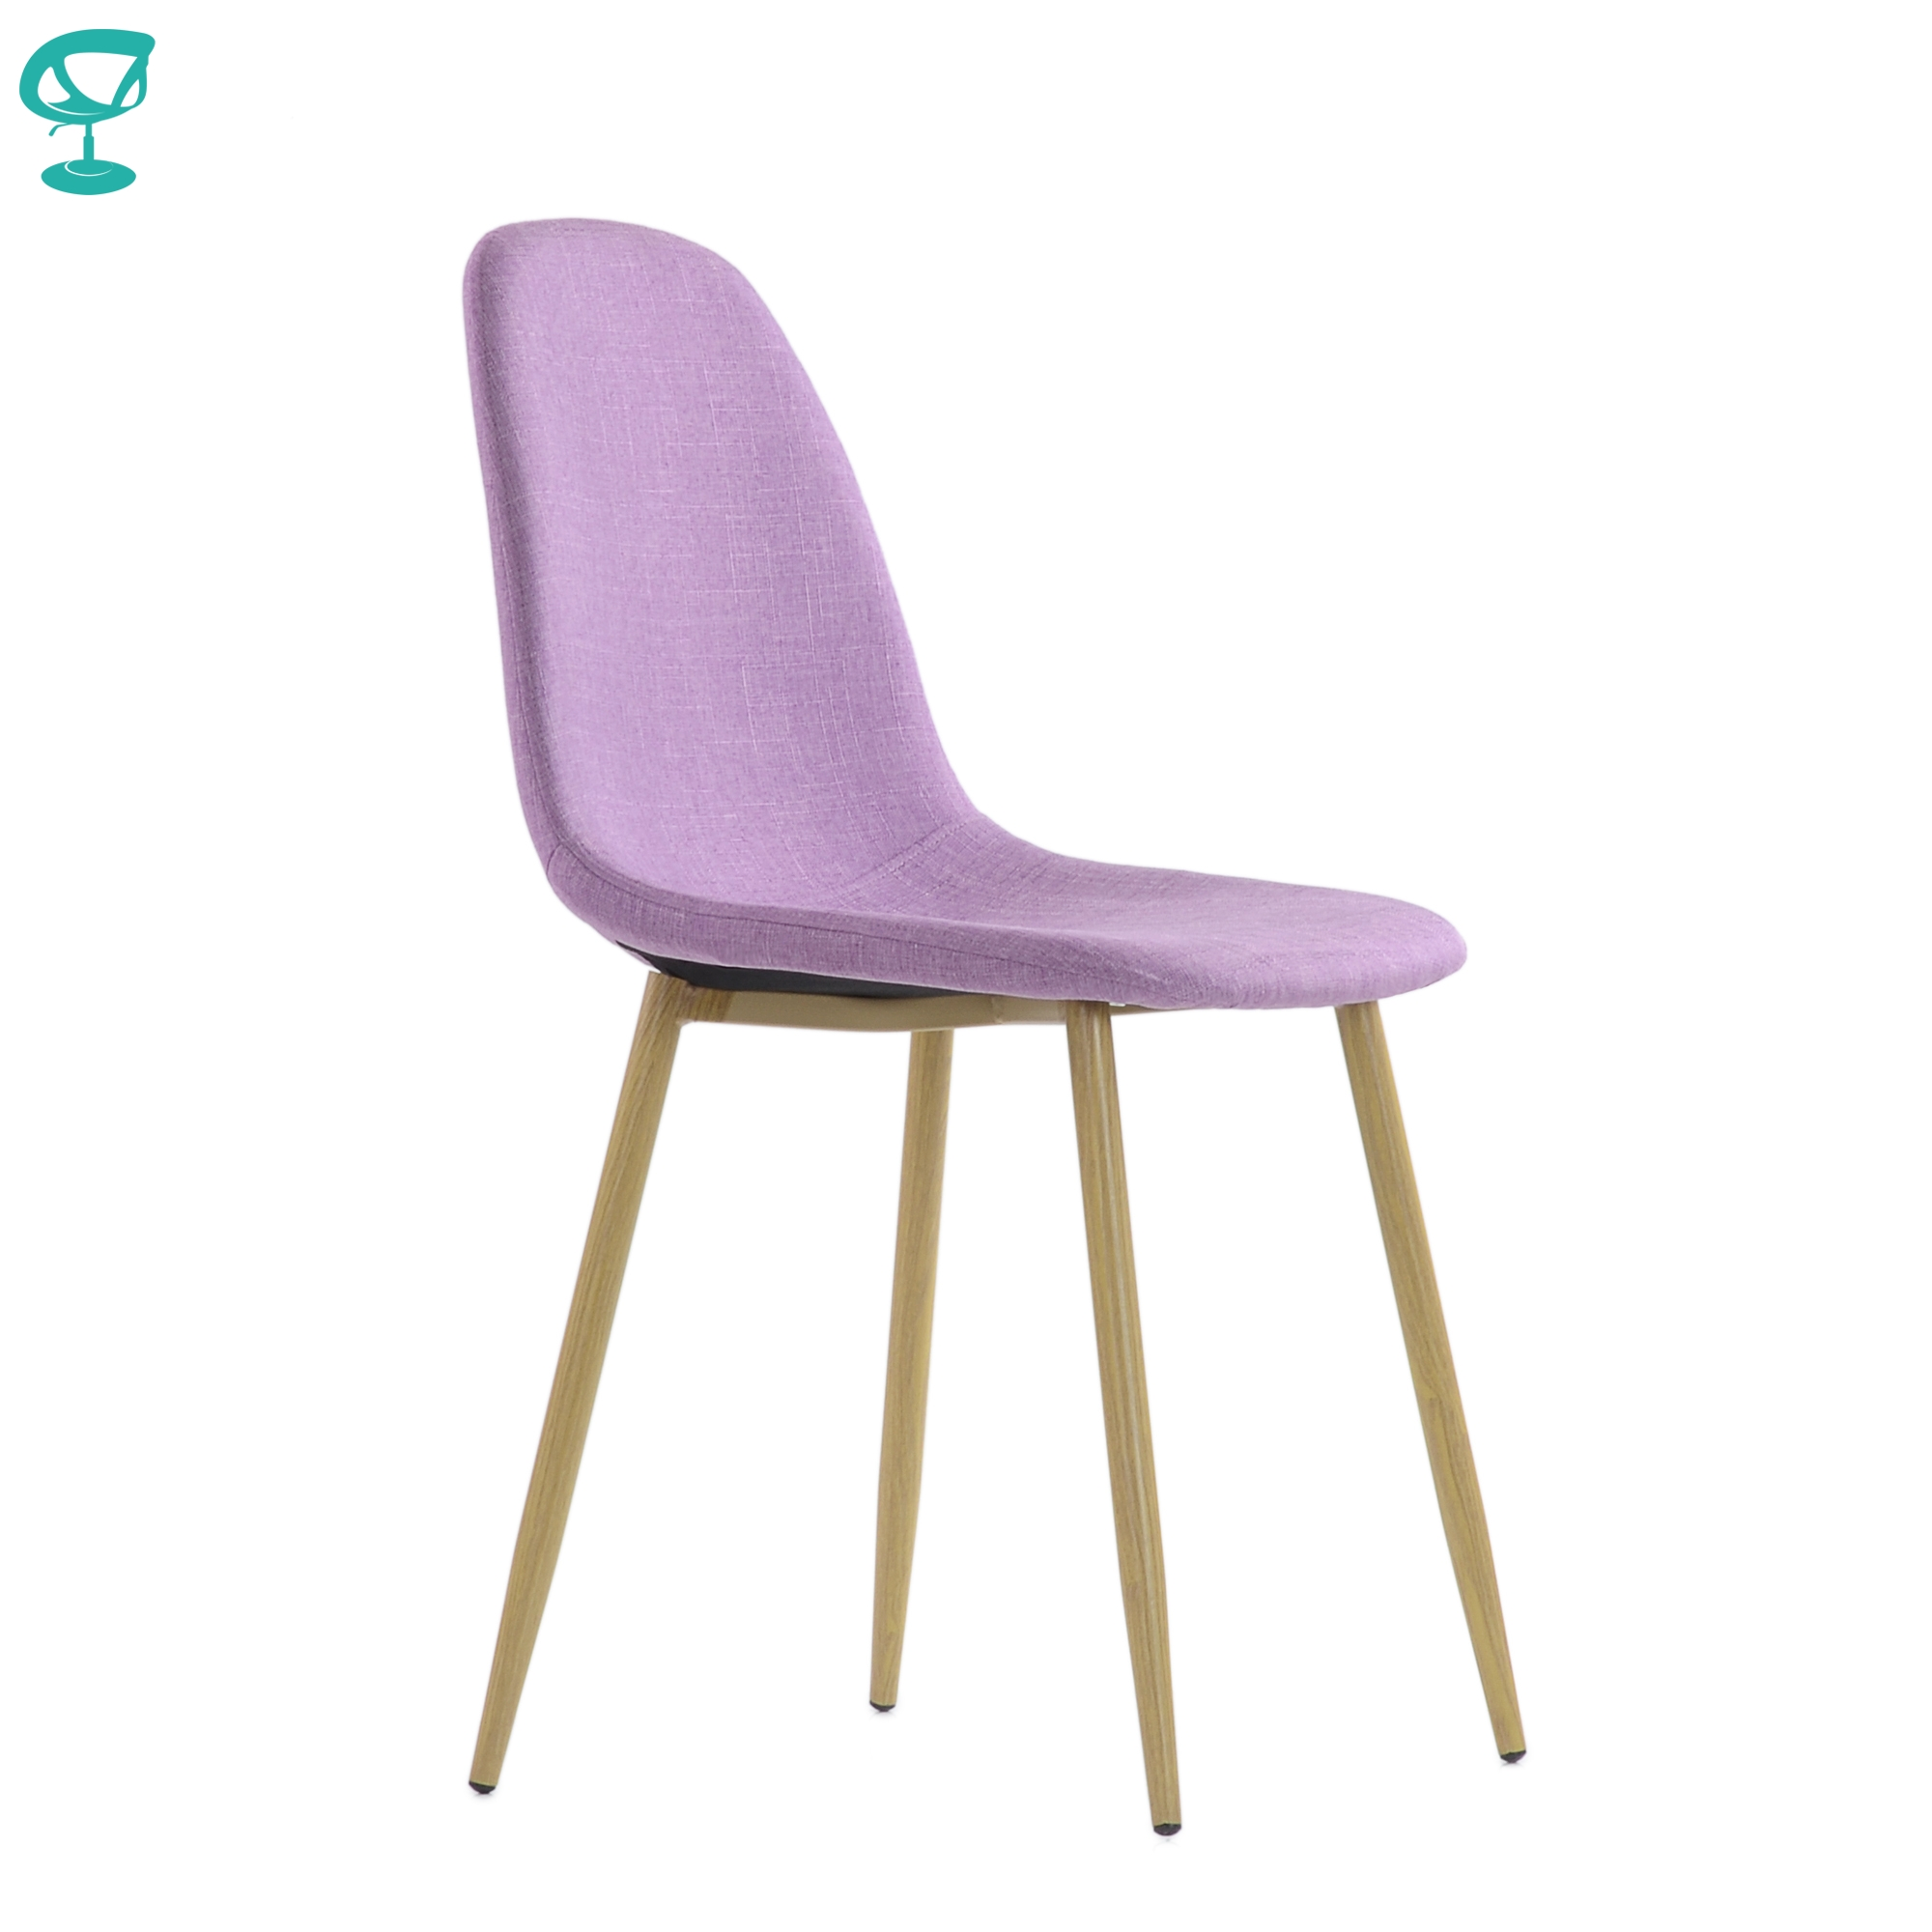 95748 Barneo S-15 cuisine chaise jambes métal siège tissu chaise pour salon chaise à manger chaise table chaise meubles pour cuisine